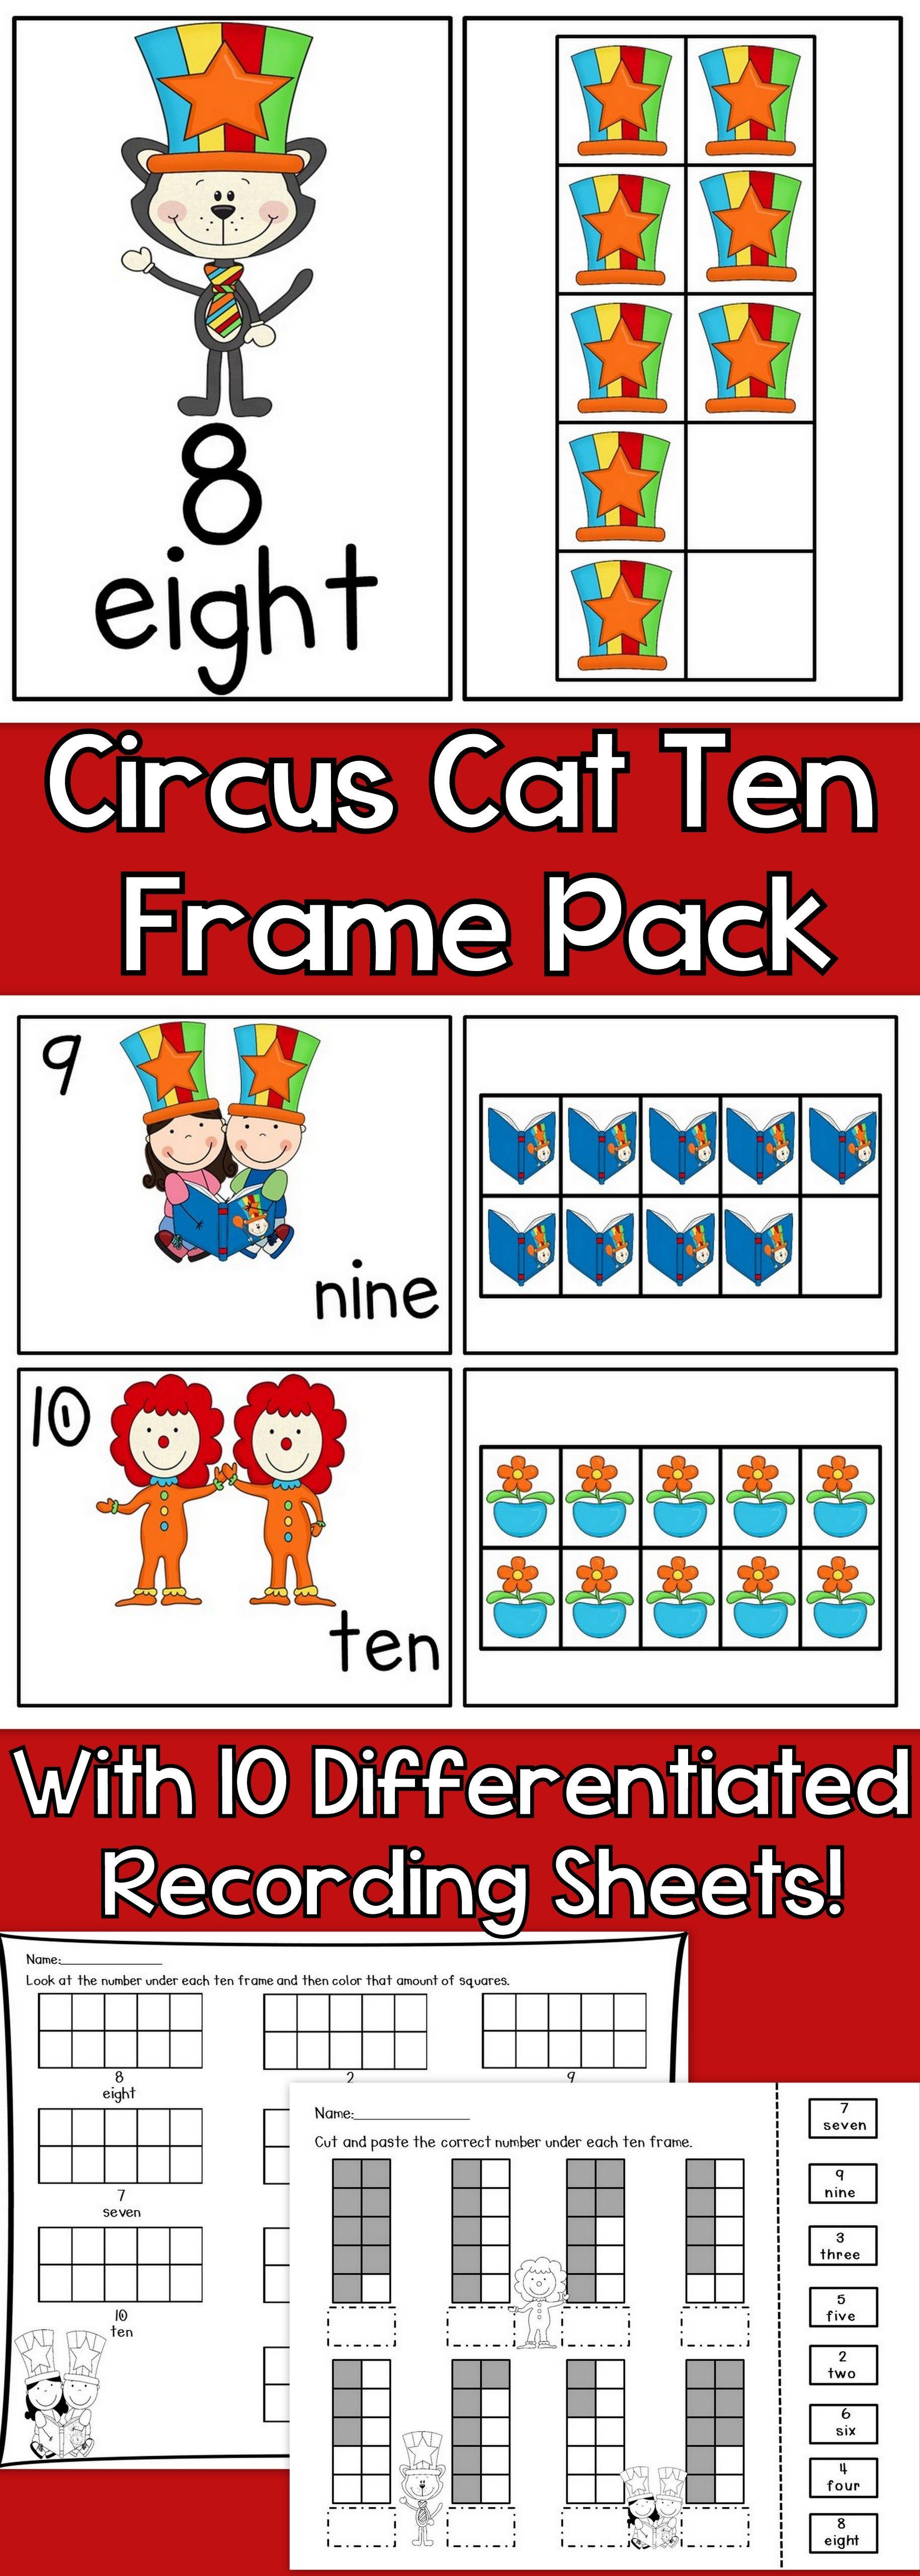 Circus Cat Ten Frames